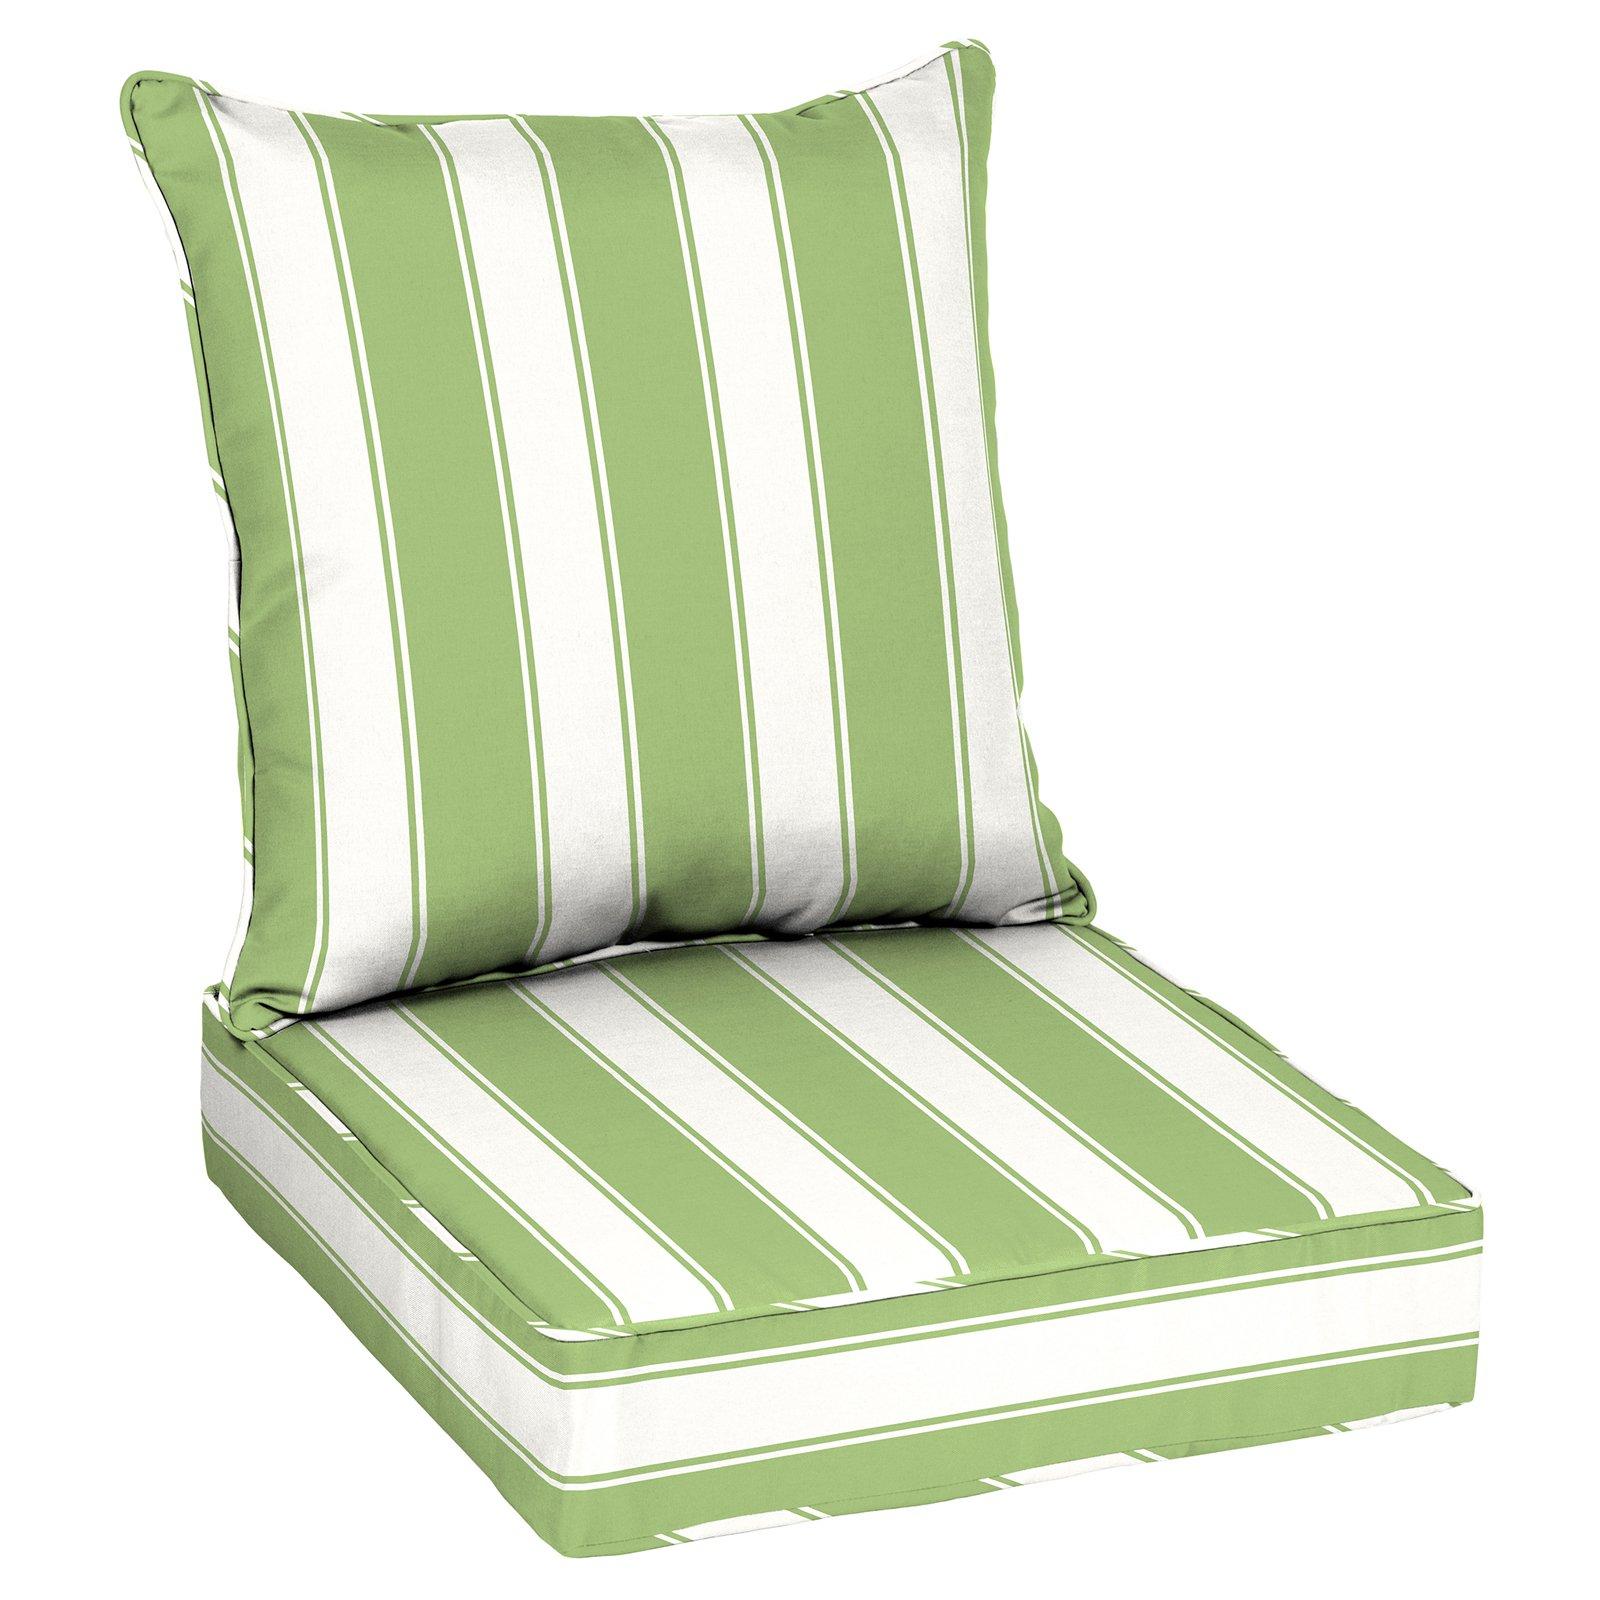 43c73d5f7683d2a6b4e11ff347dbb8a8 - Better Homes & Gardens Outdoor Patio Deep Seating Chair Cushion